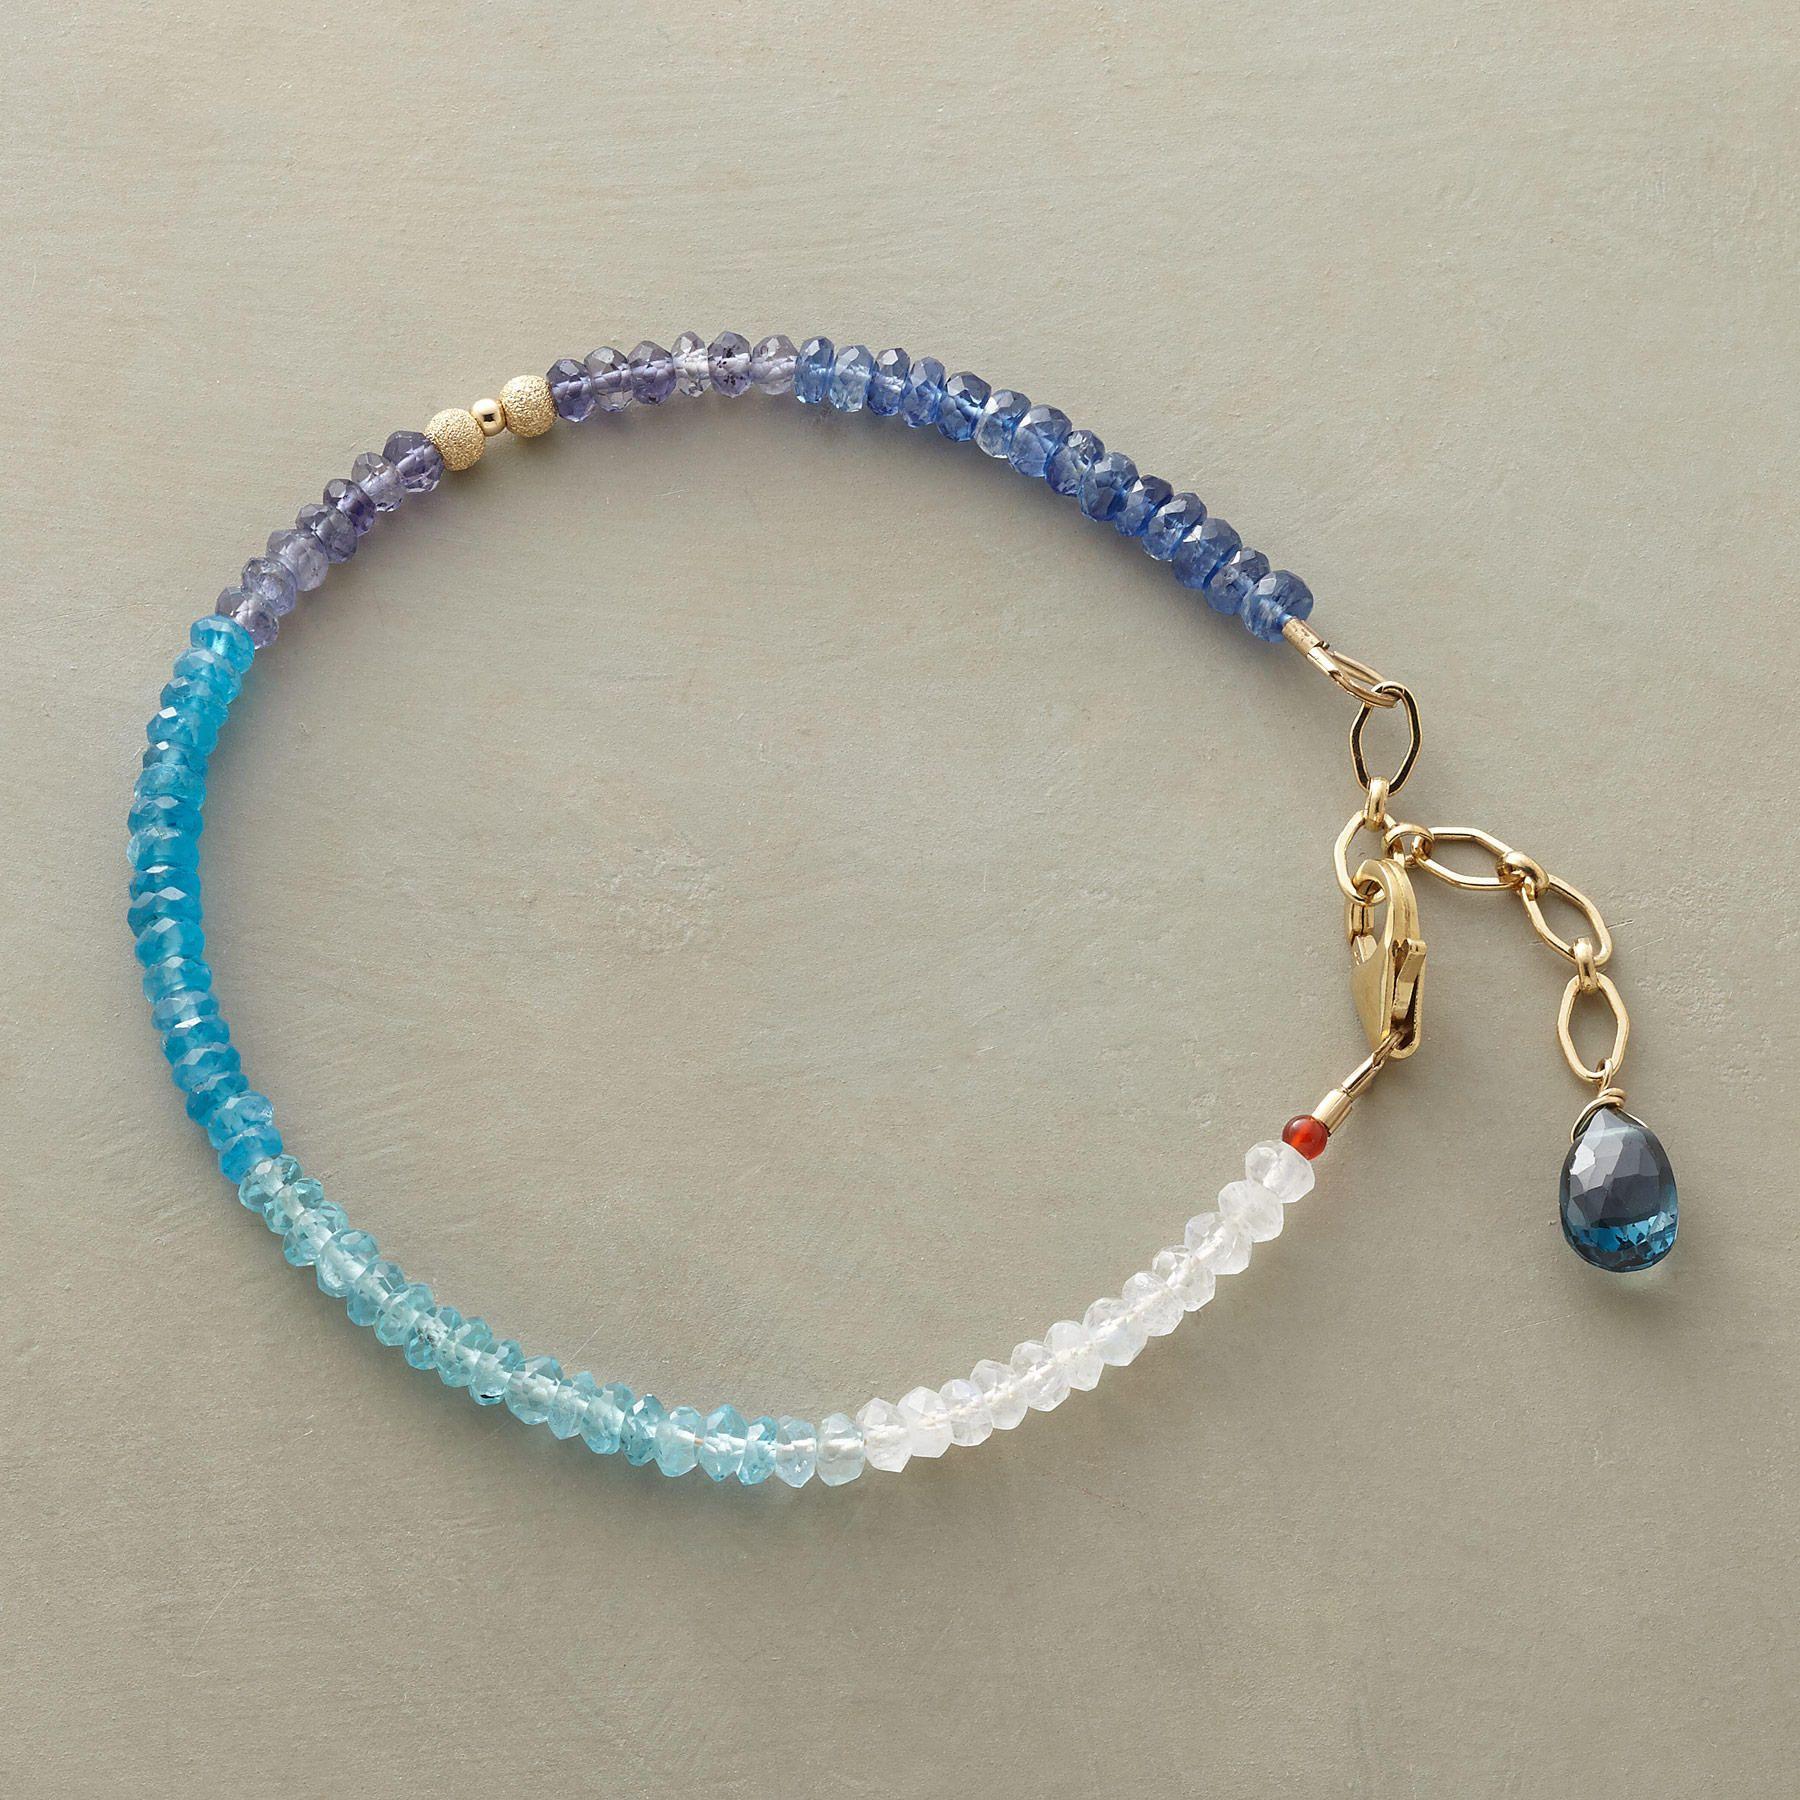 Adriatic Bracelet - Thoi Vo Brightens Sea Blue Gemstones